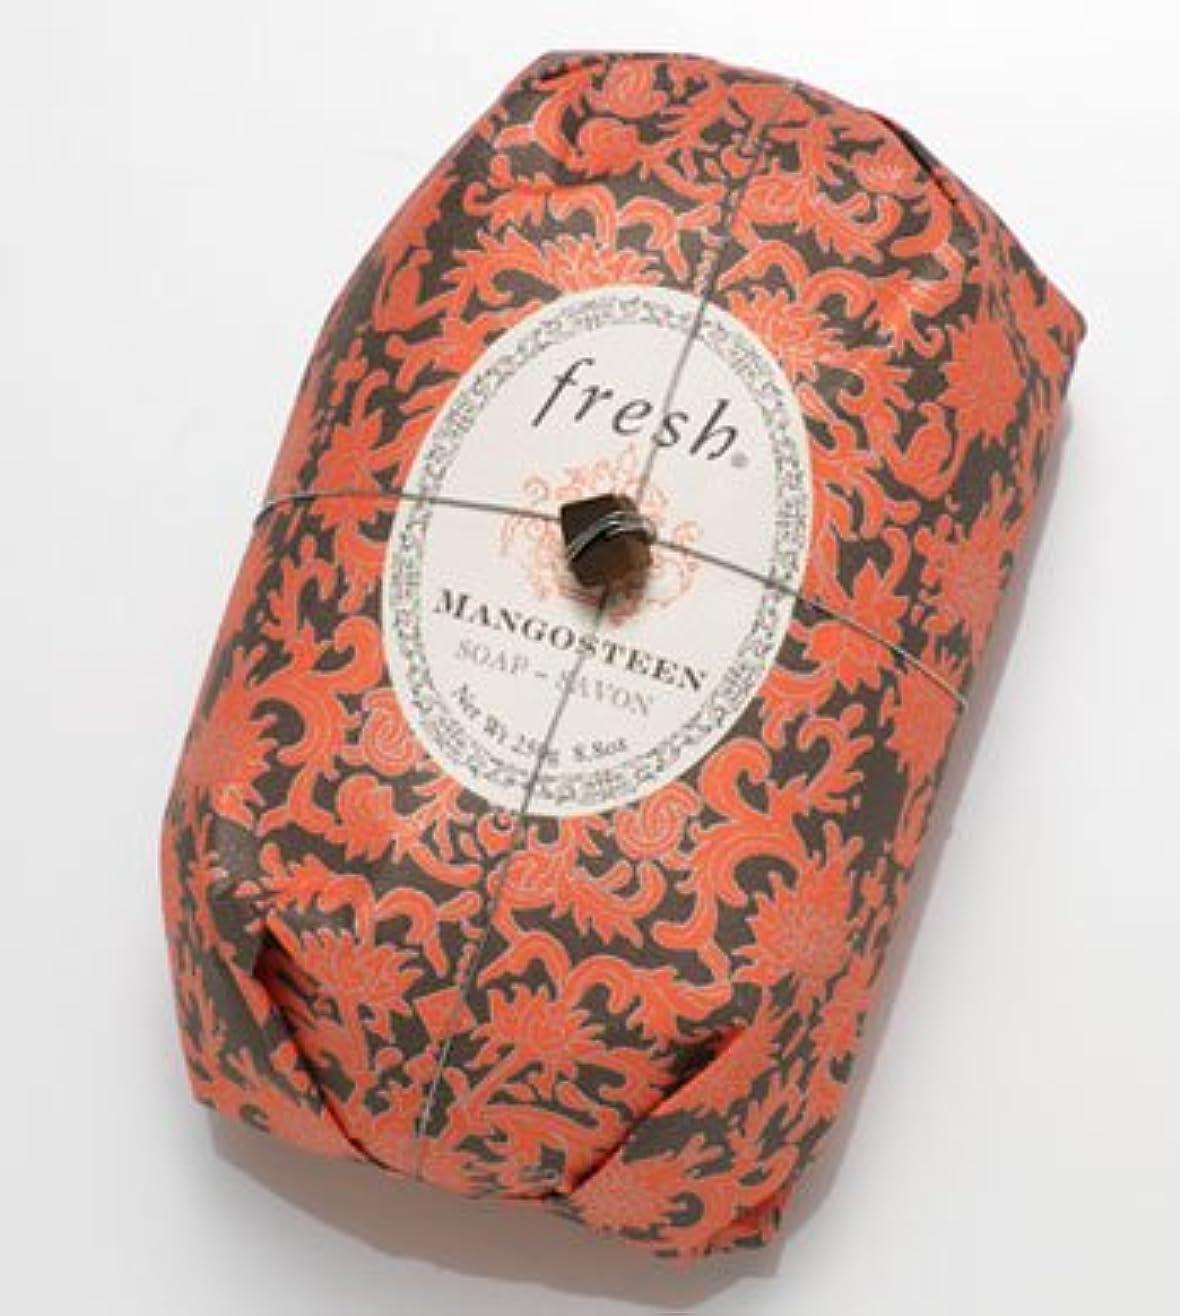 型財団韻Fresh MANGOSTEEN SOAP (フレッシュ マンゴスチーン ソープ) 8.8 oz (250g) Soap (石鹸) by Fresh